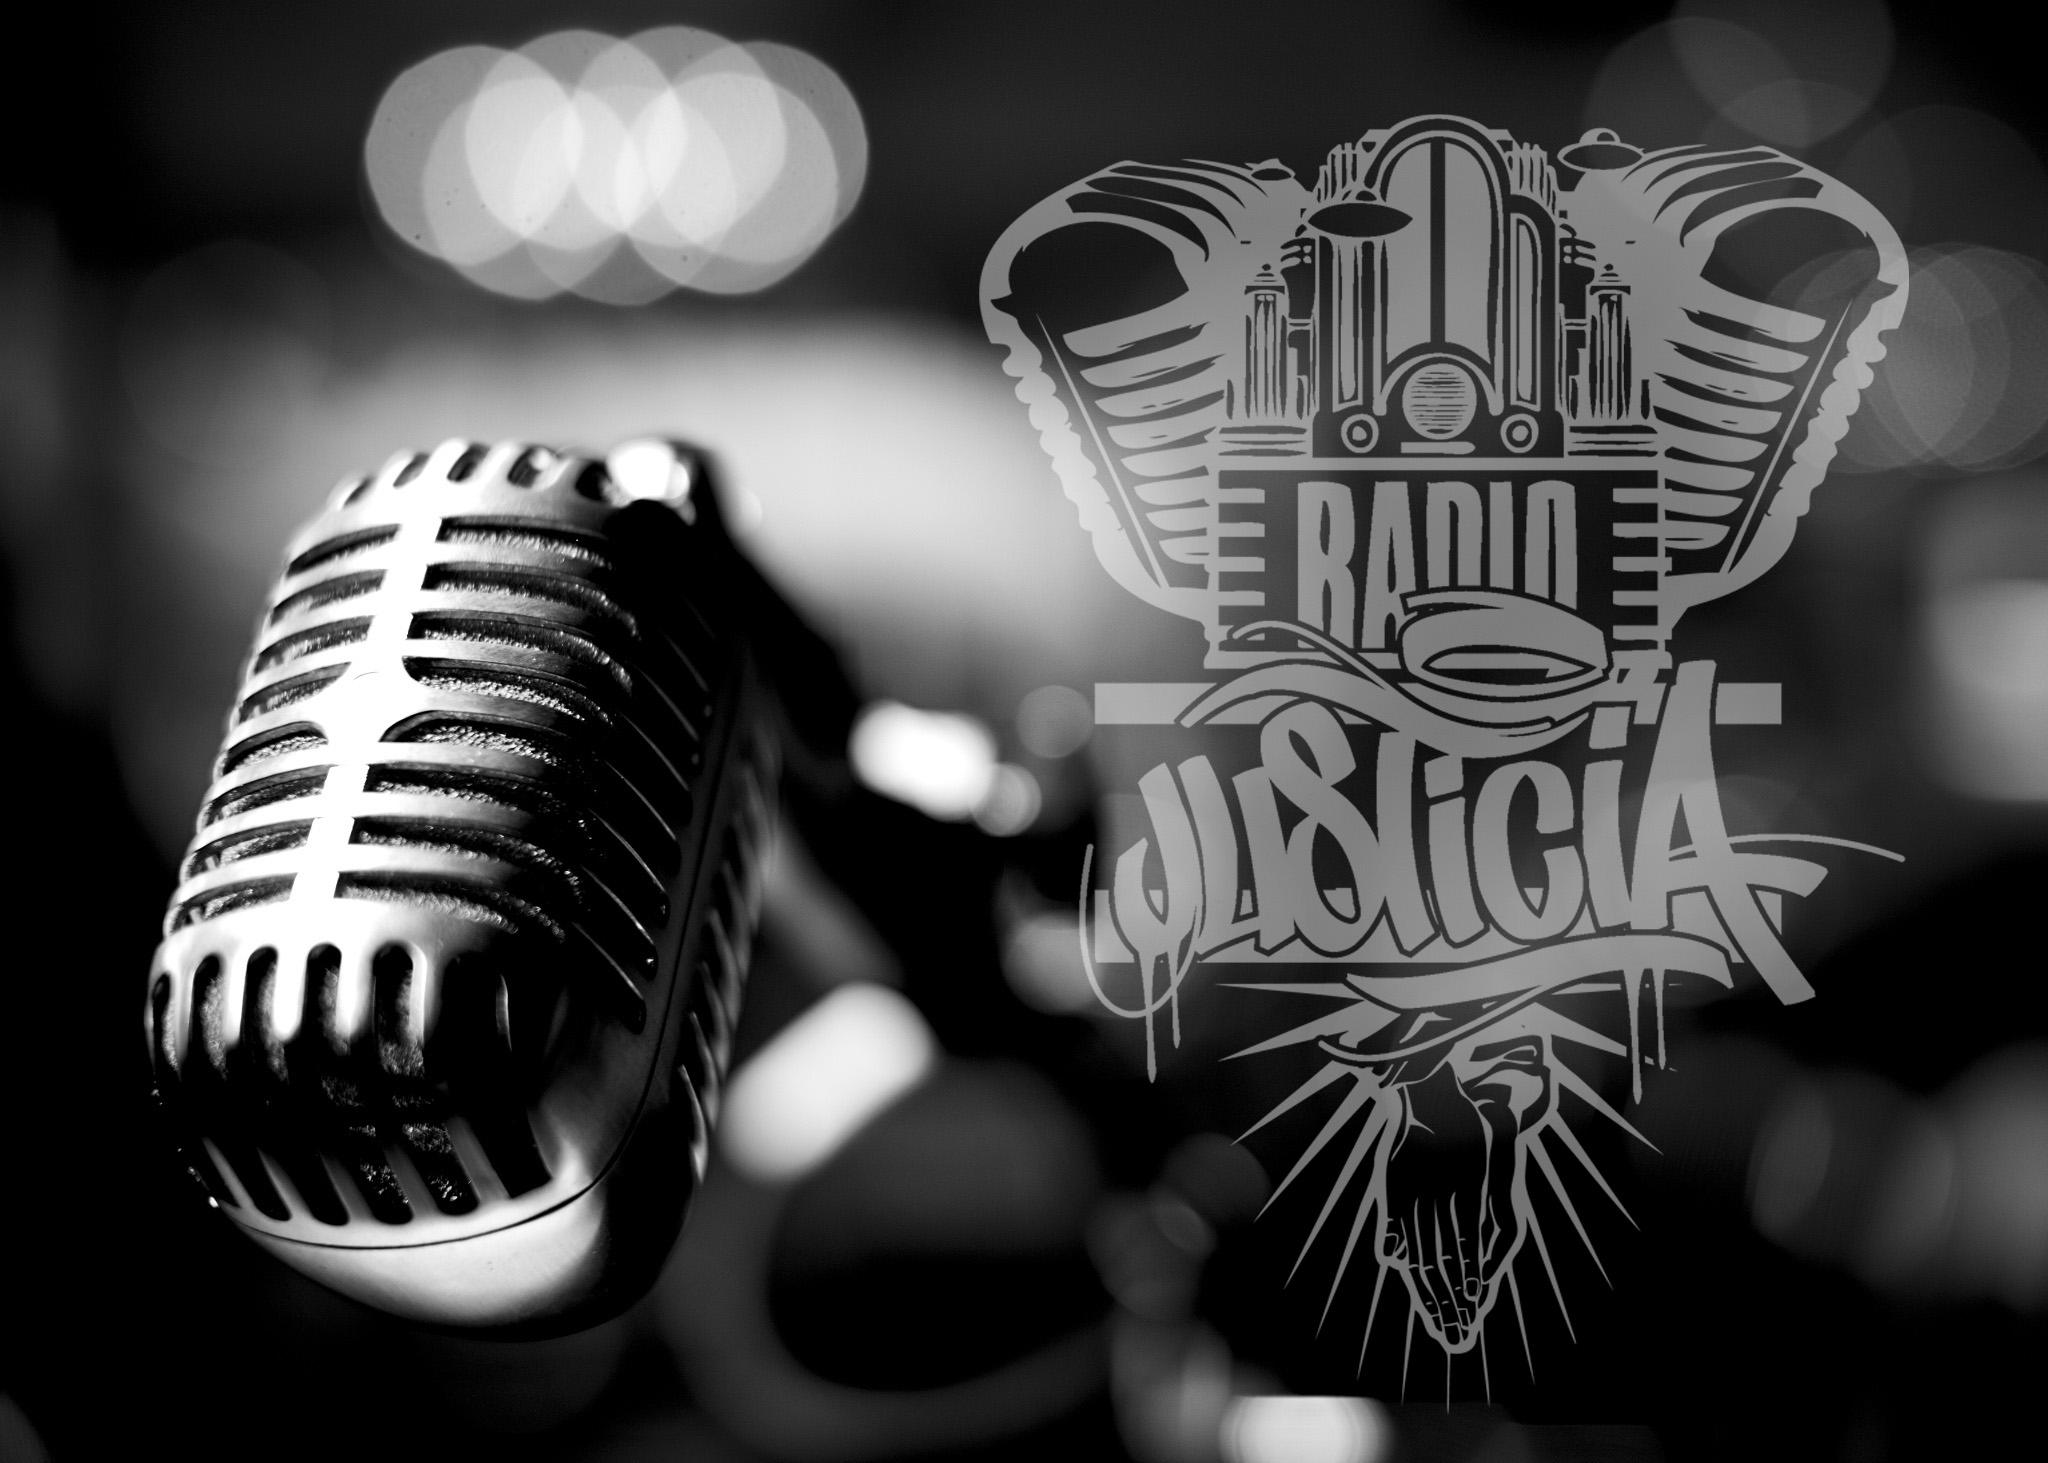 Radio_justicia_top